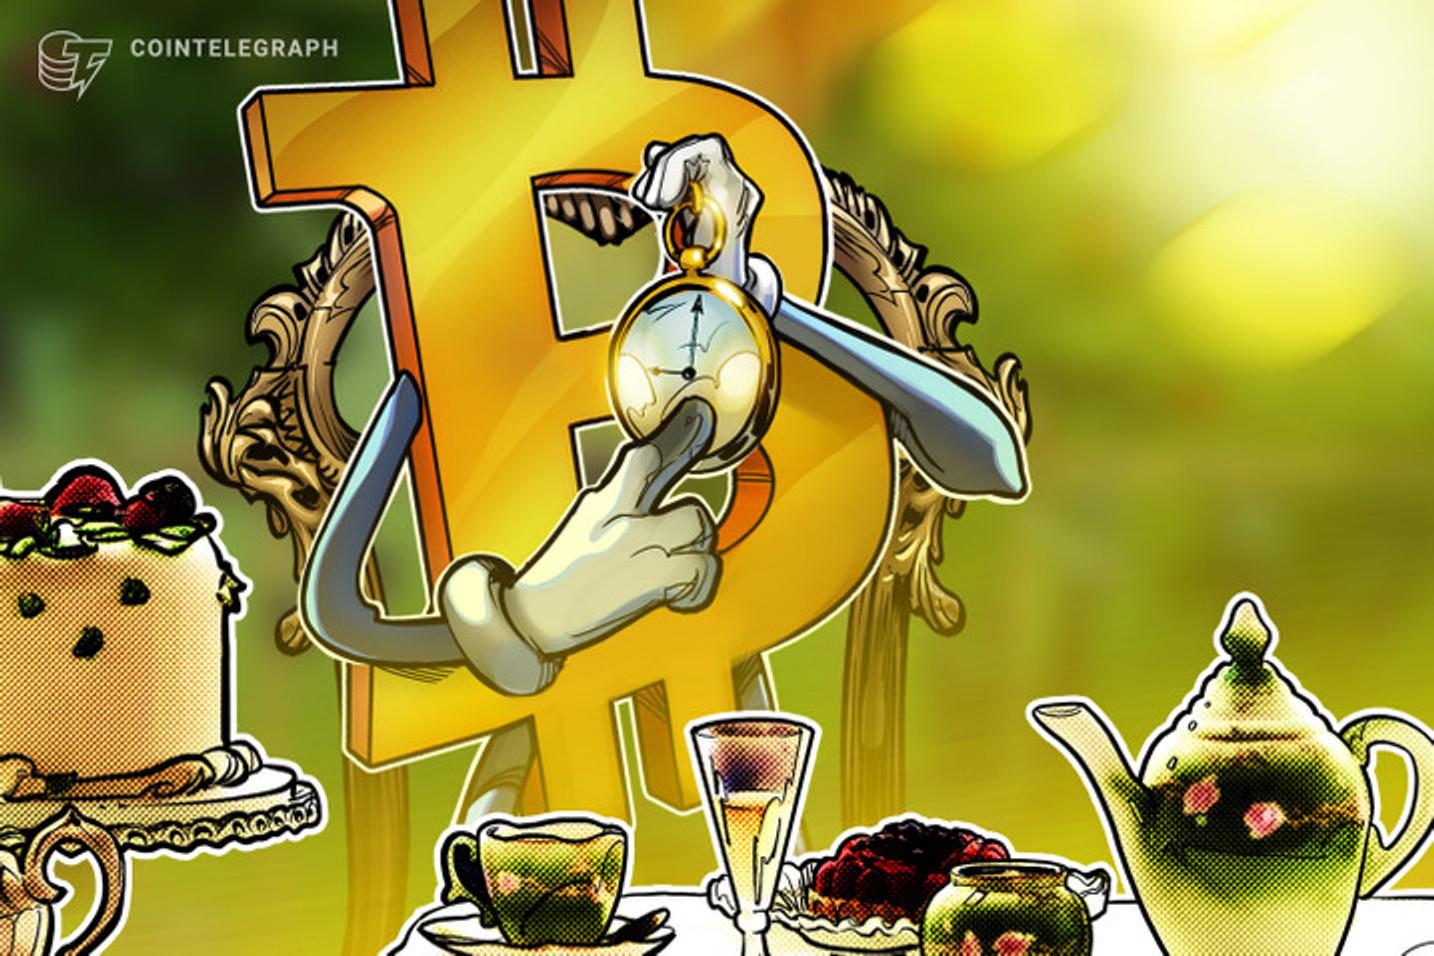 投資経験長い人ほど、ビットコインの価格予想は強気に=ビットバンク調査